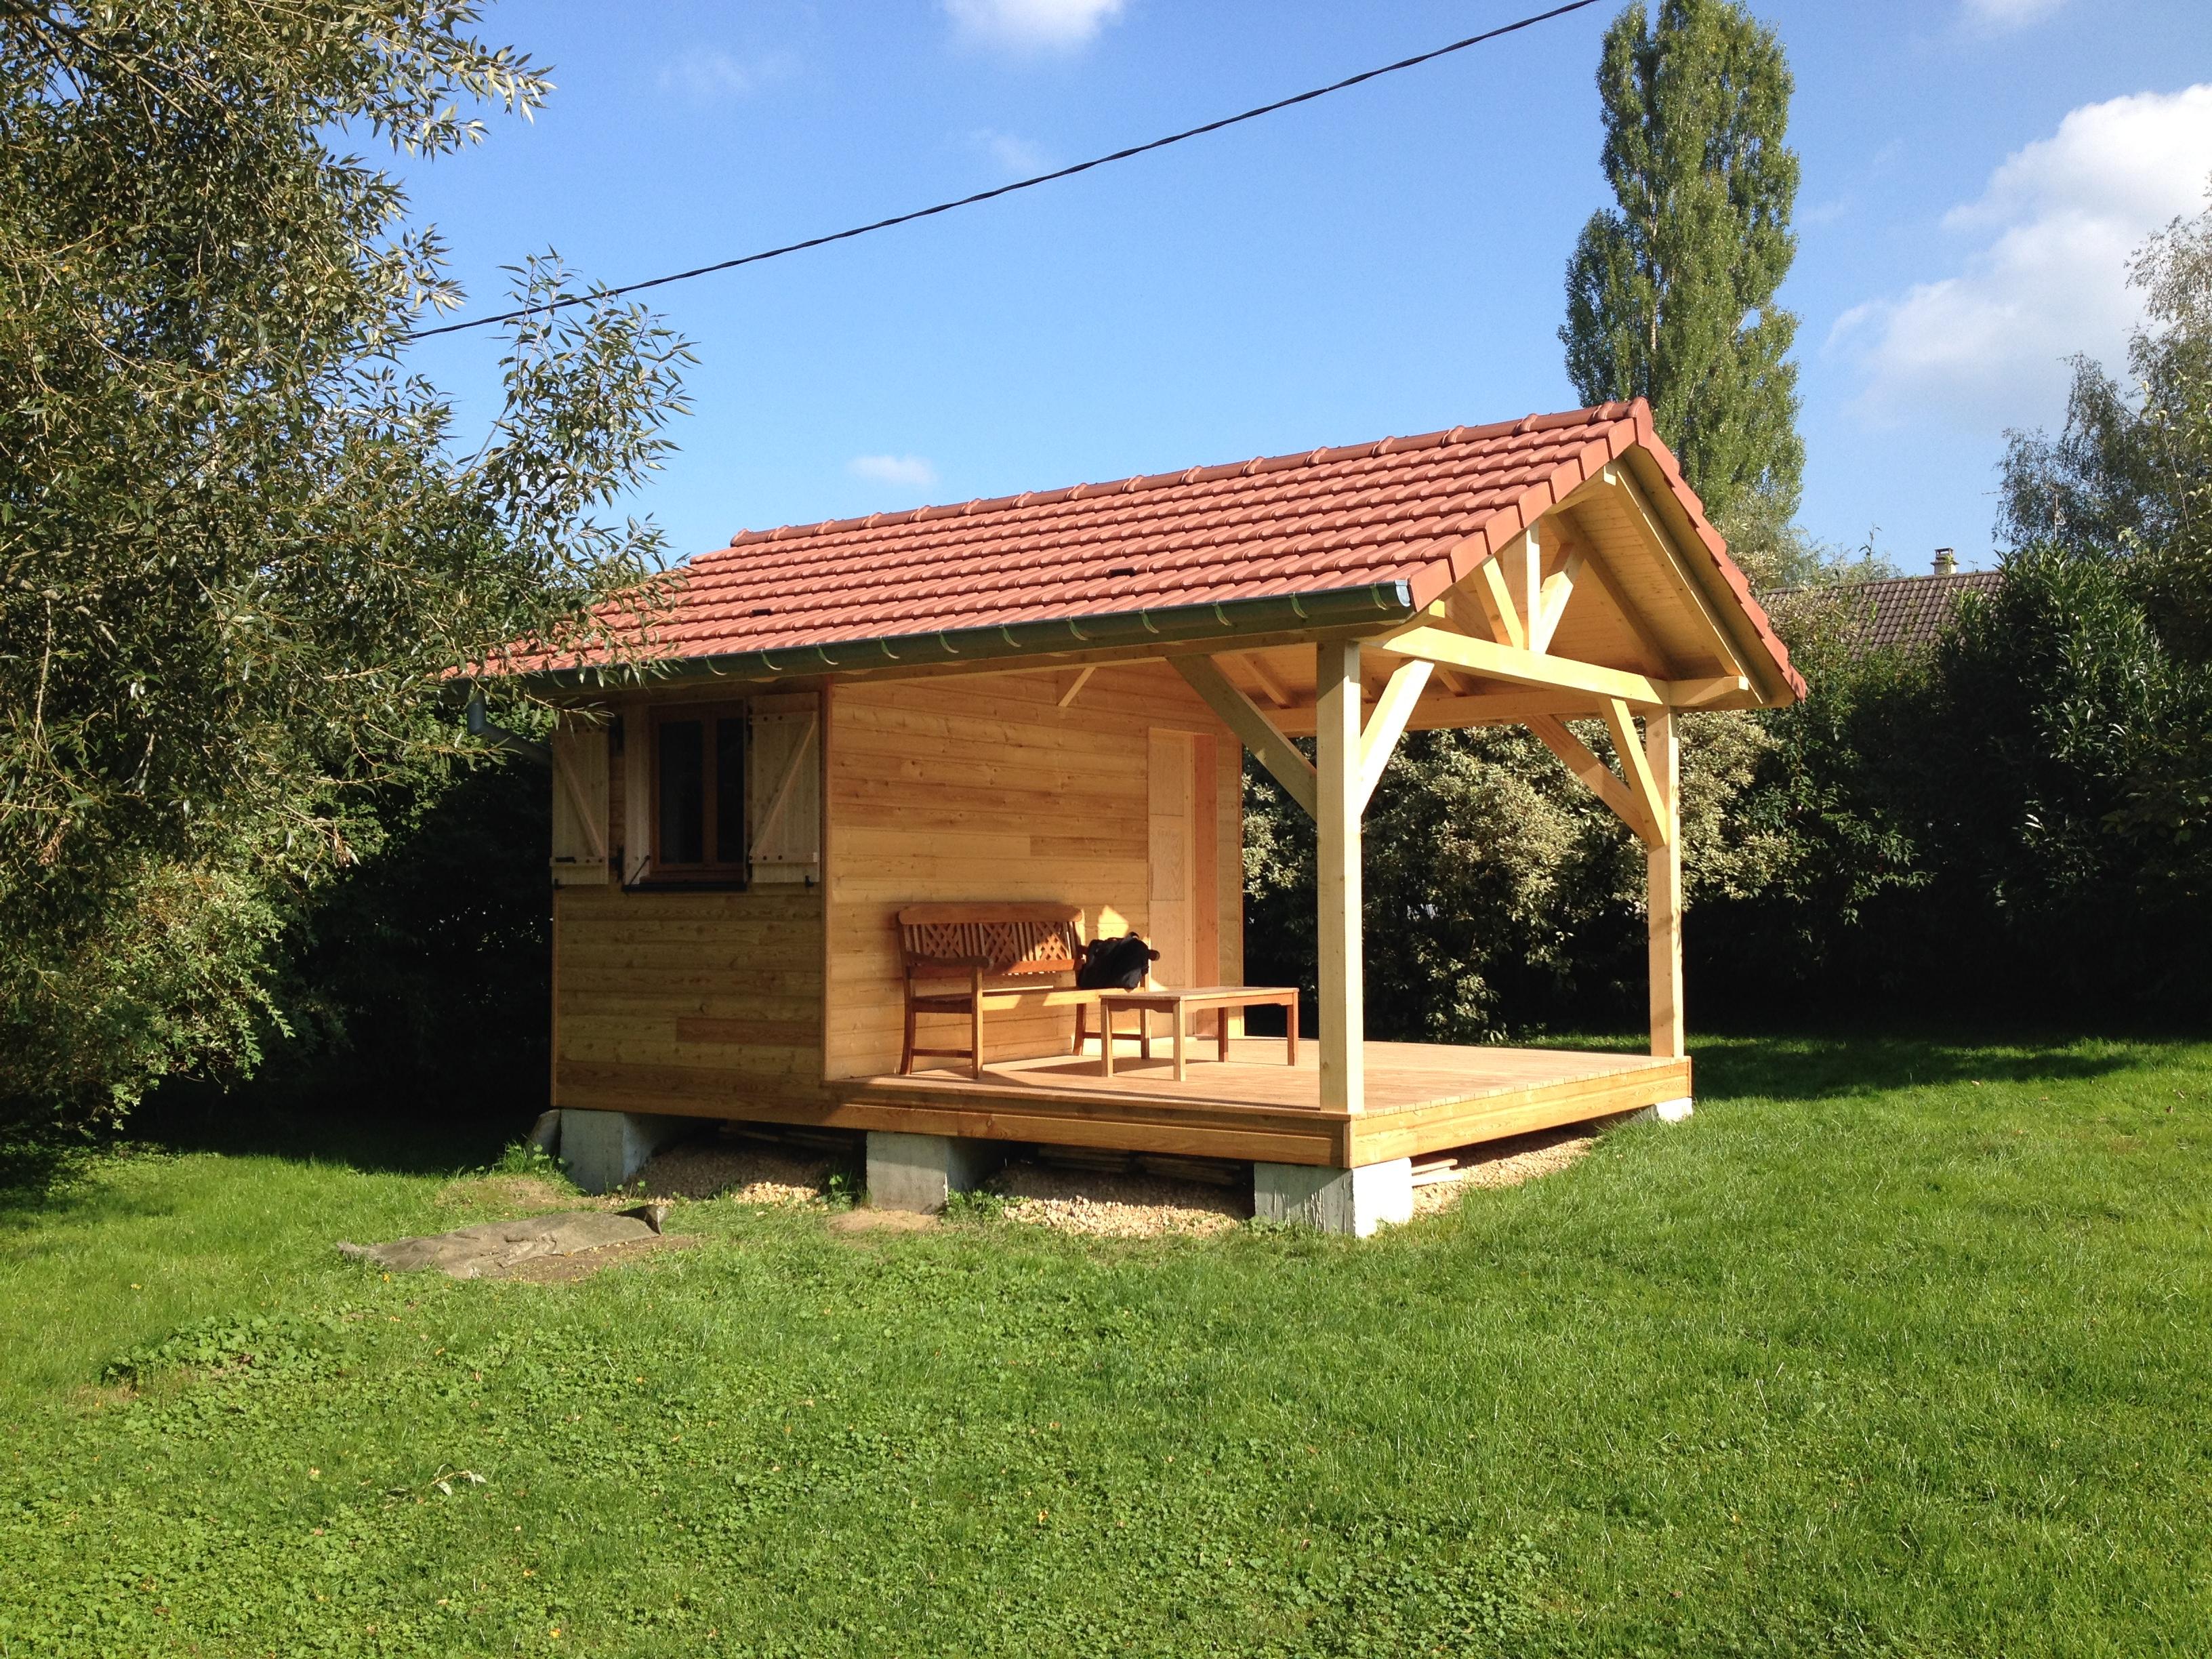 chalet de jardin en bois abt construction bois of petit